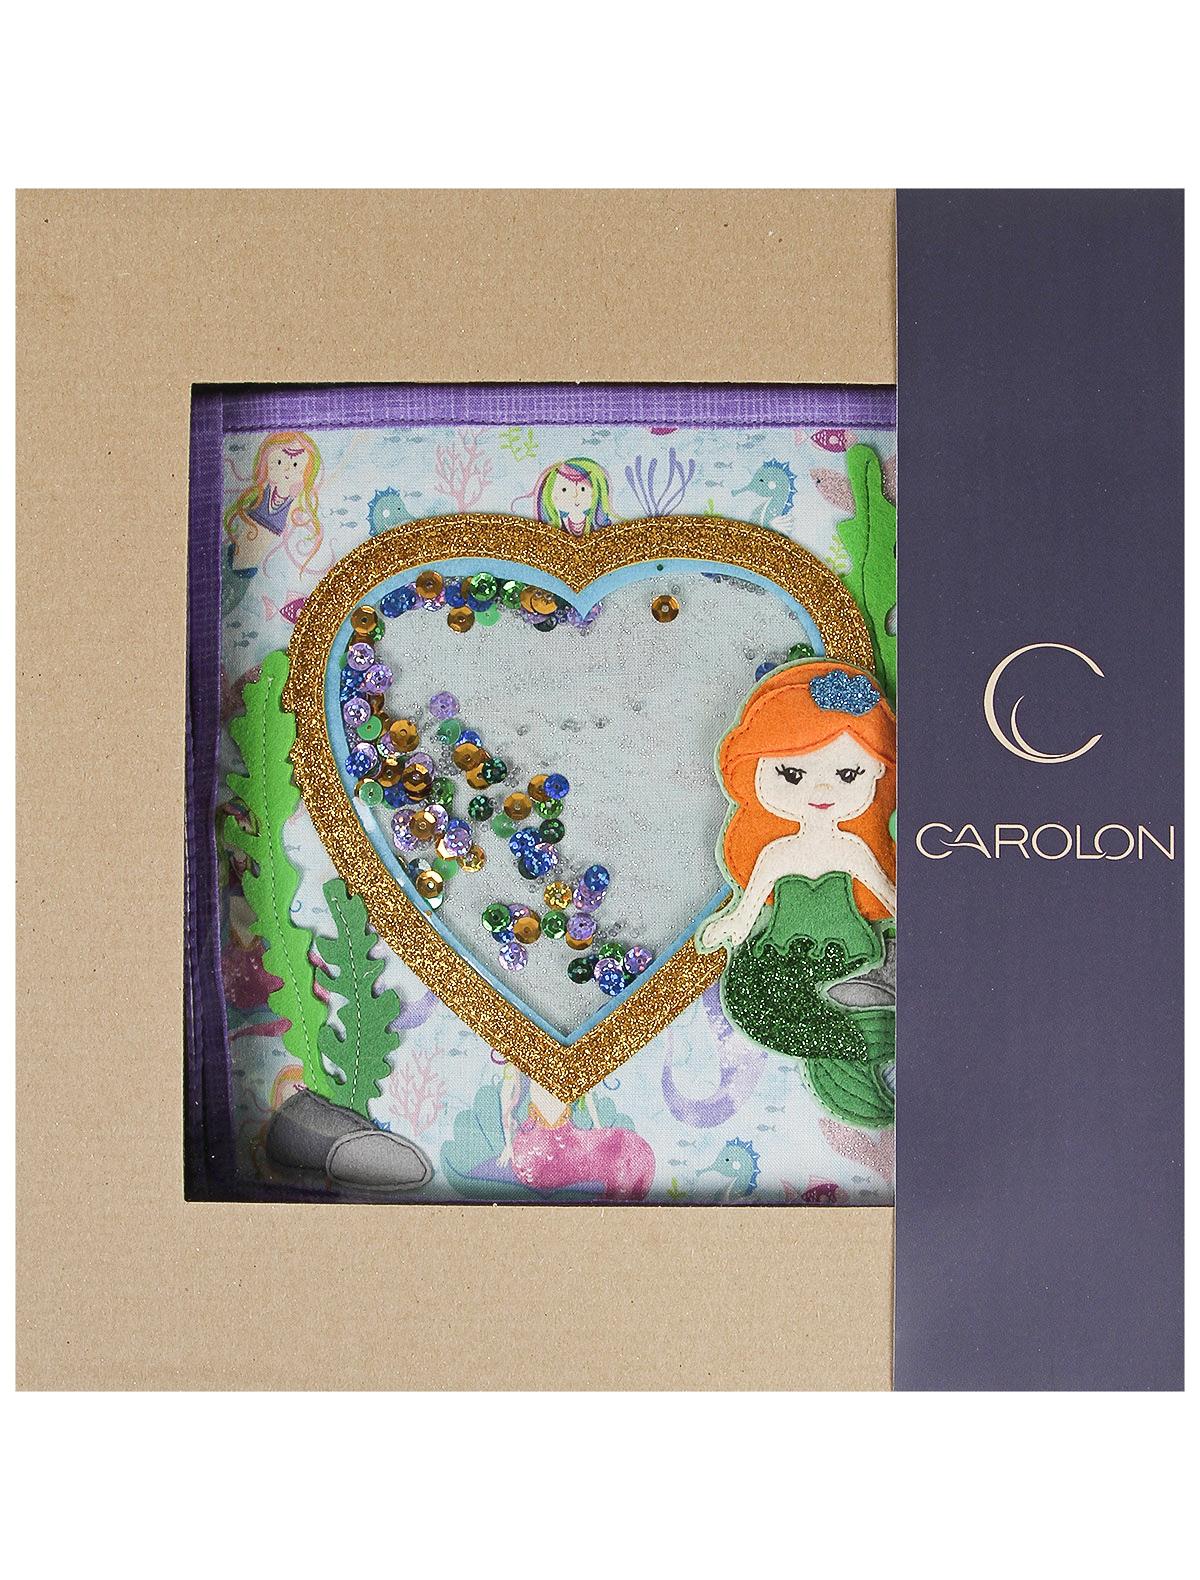 Купить 2153410, Игрушка Carolon, голубой, 7132520070027